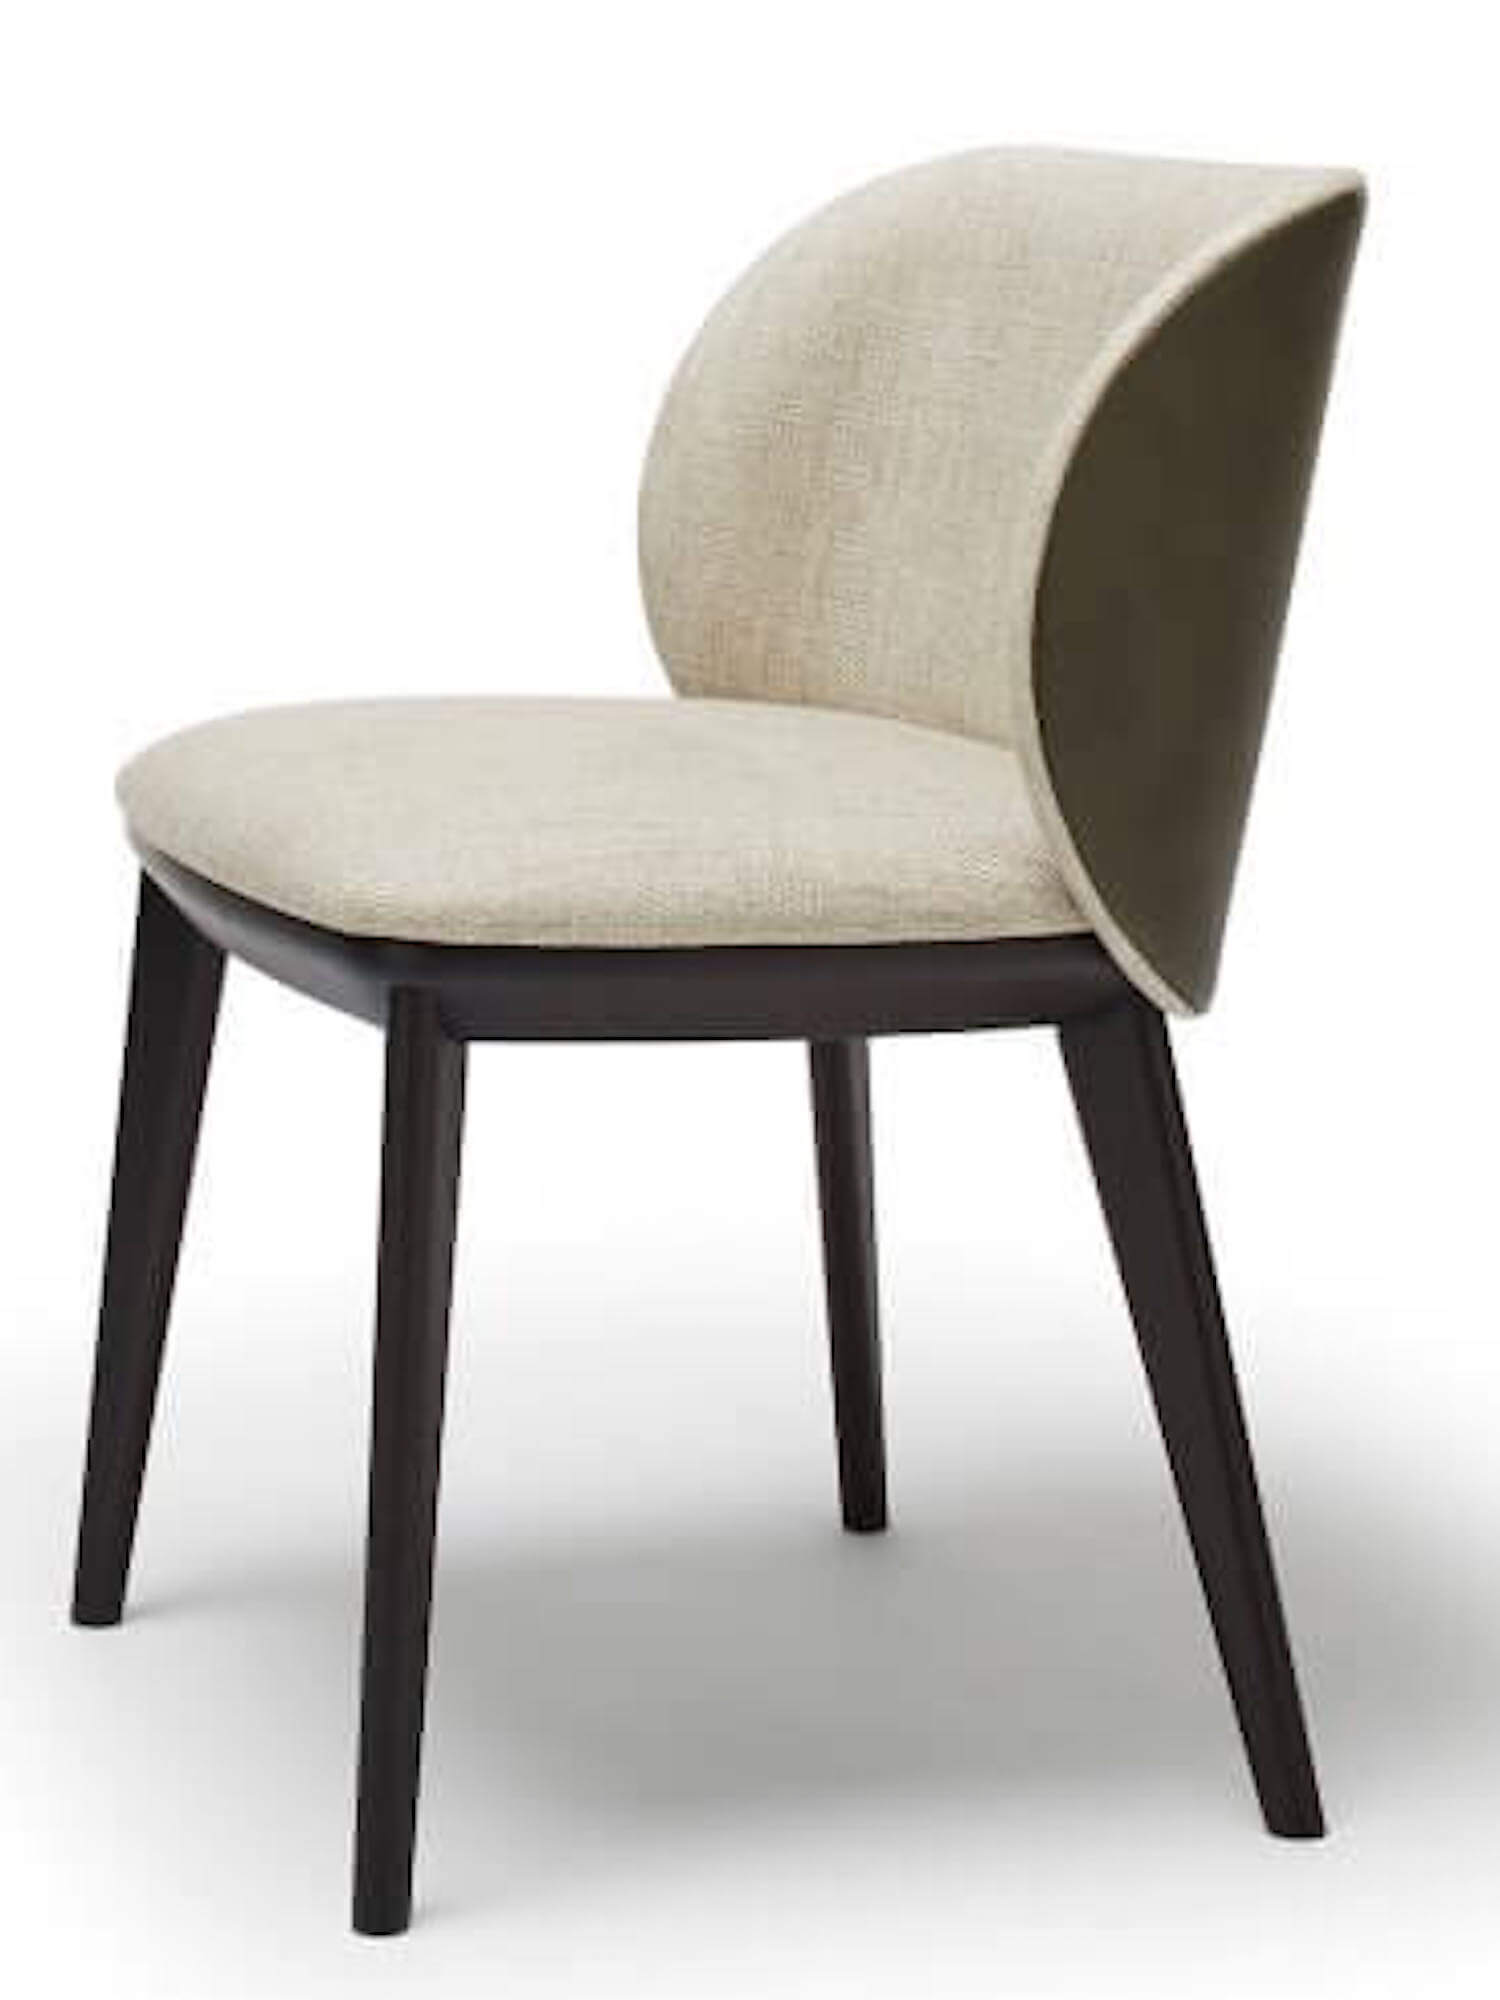 est living design directory kett johanna sidechair 01 750x540 1